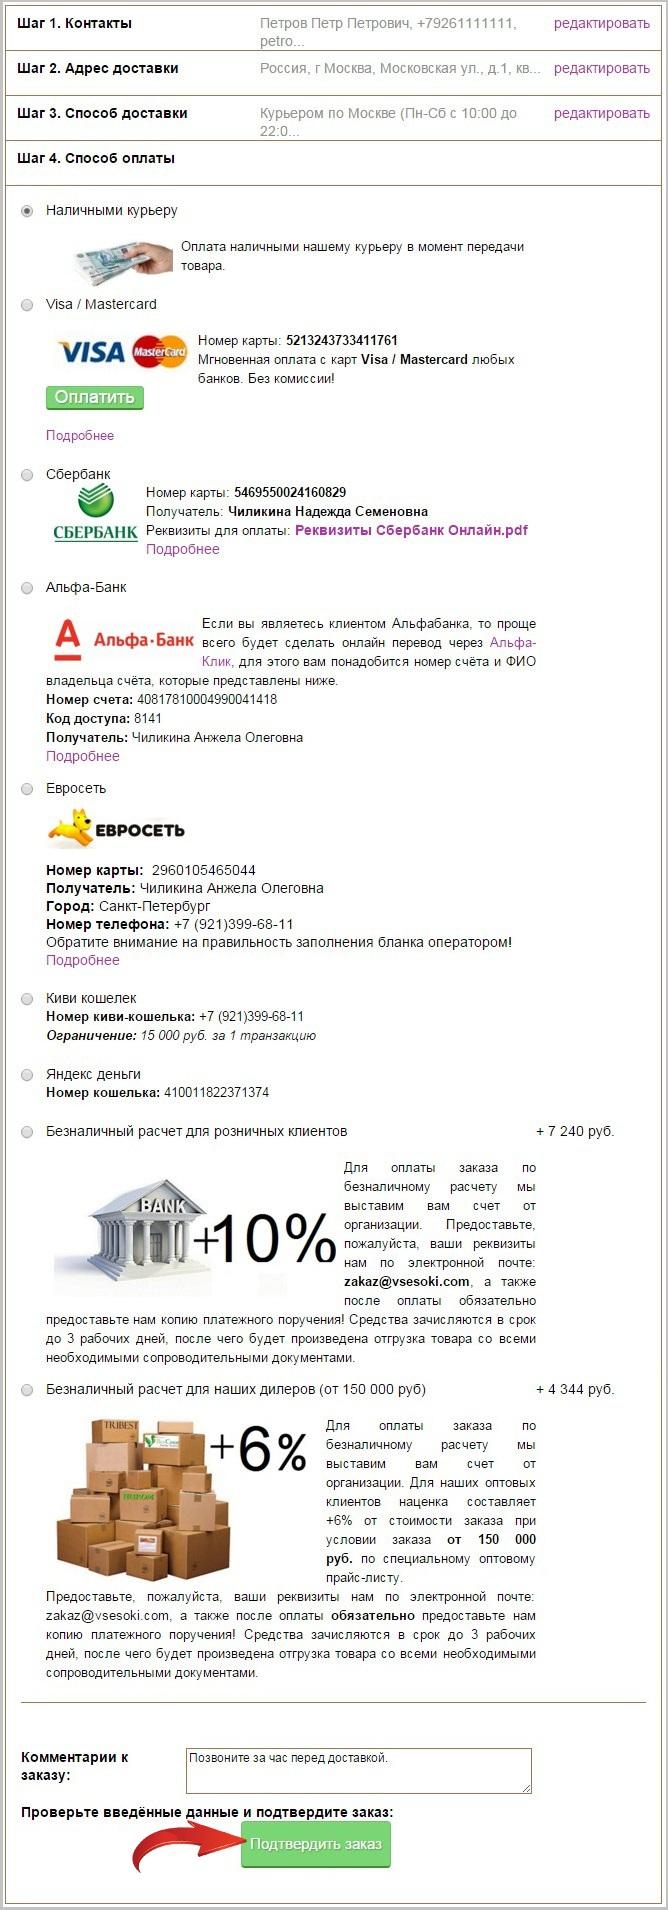 Screenshot_10-11-12.0342423432.jpg